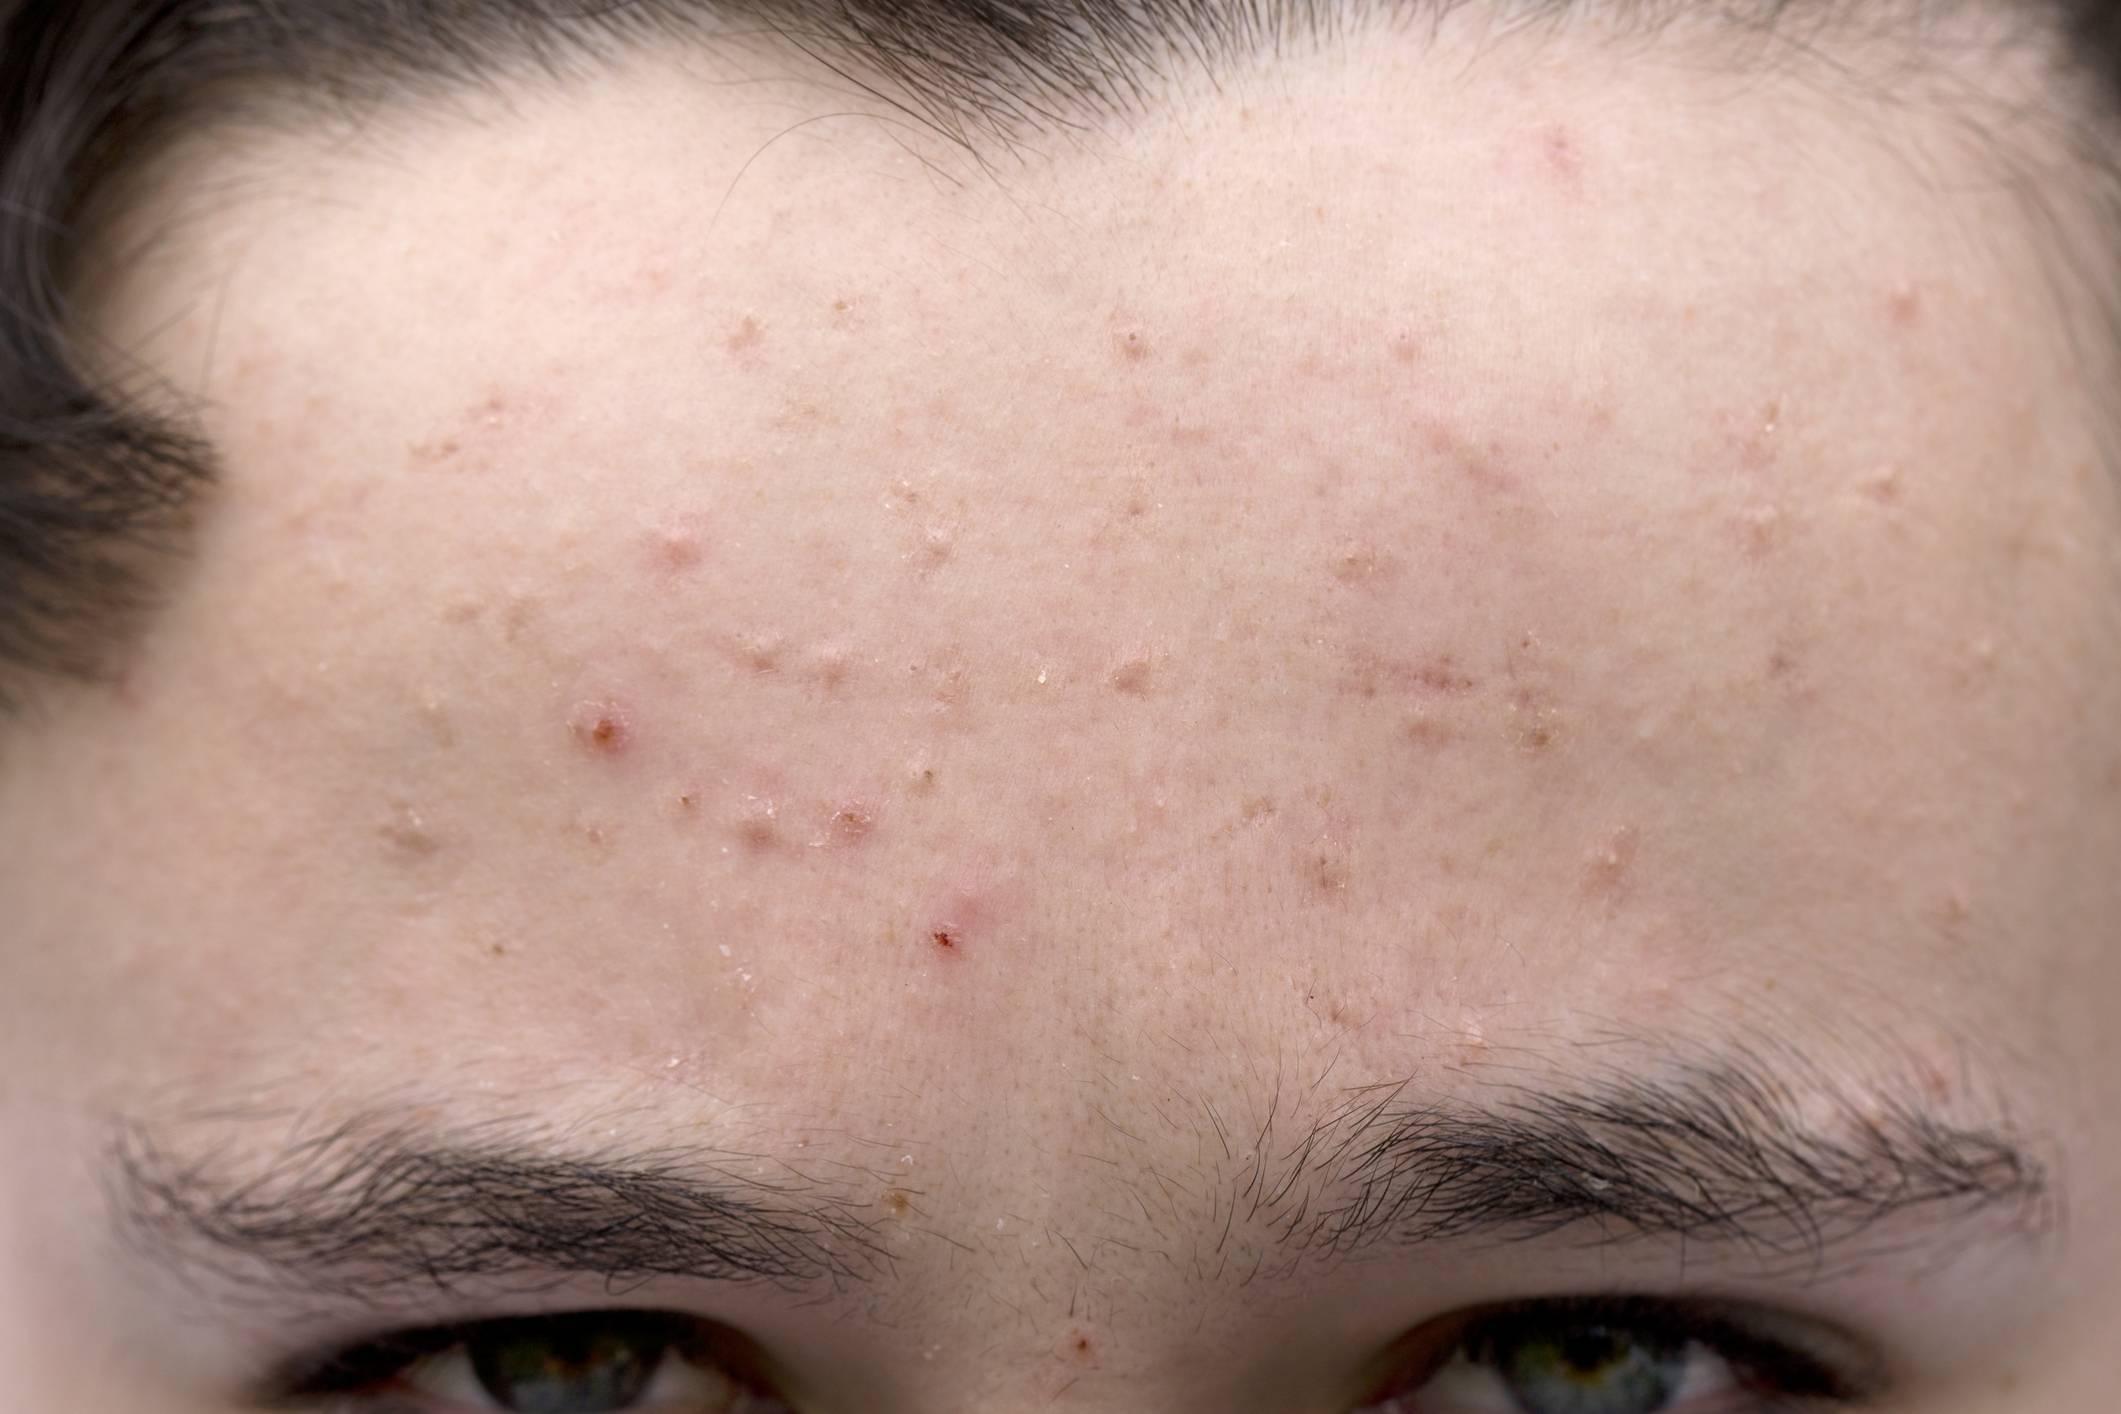 Прыщи от алкоголя на лице и теле: виды и причины появления аномалии